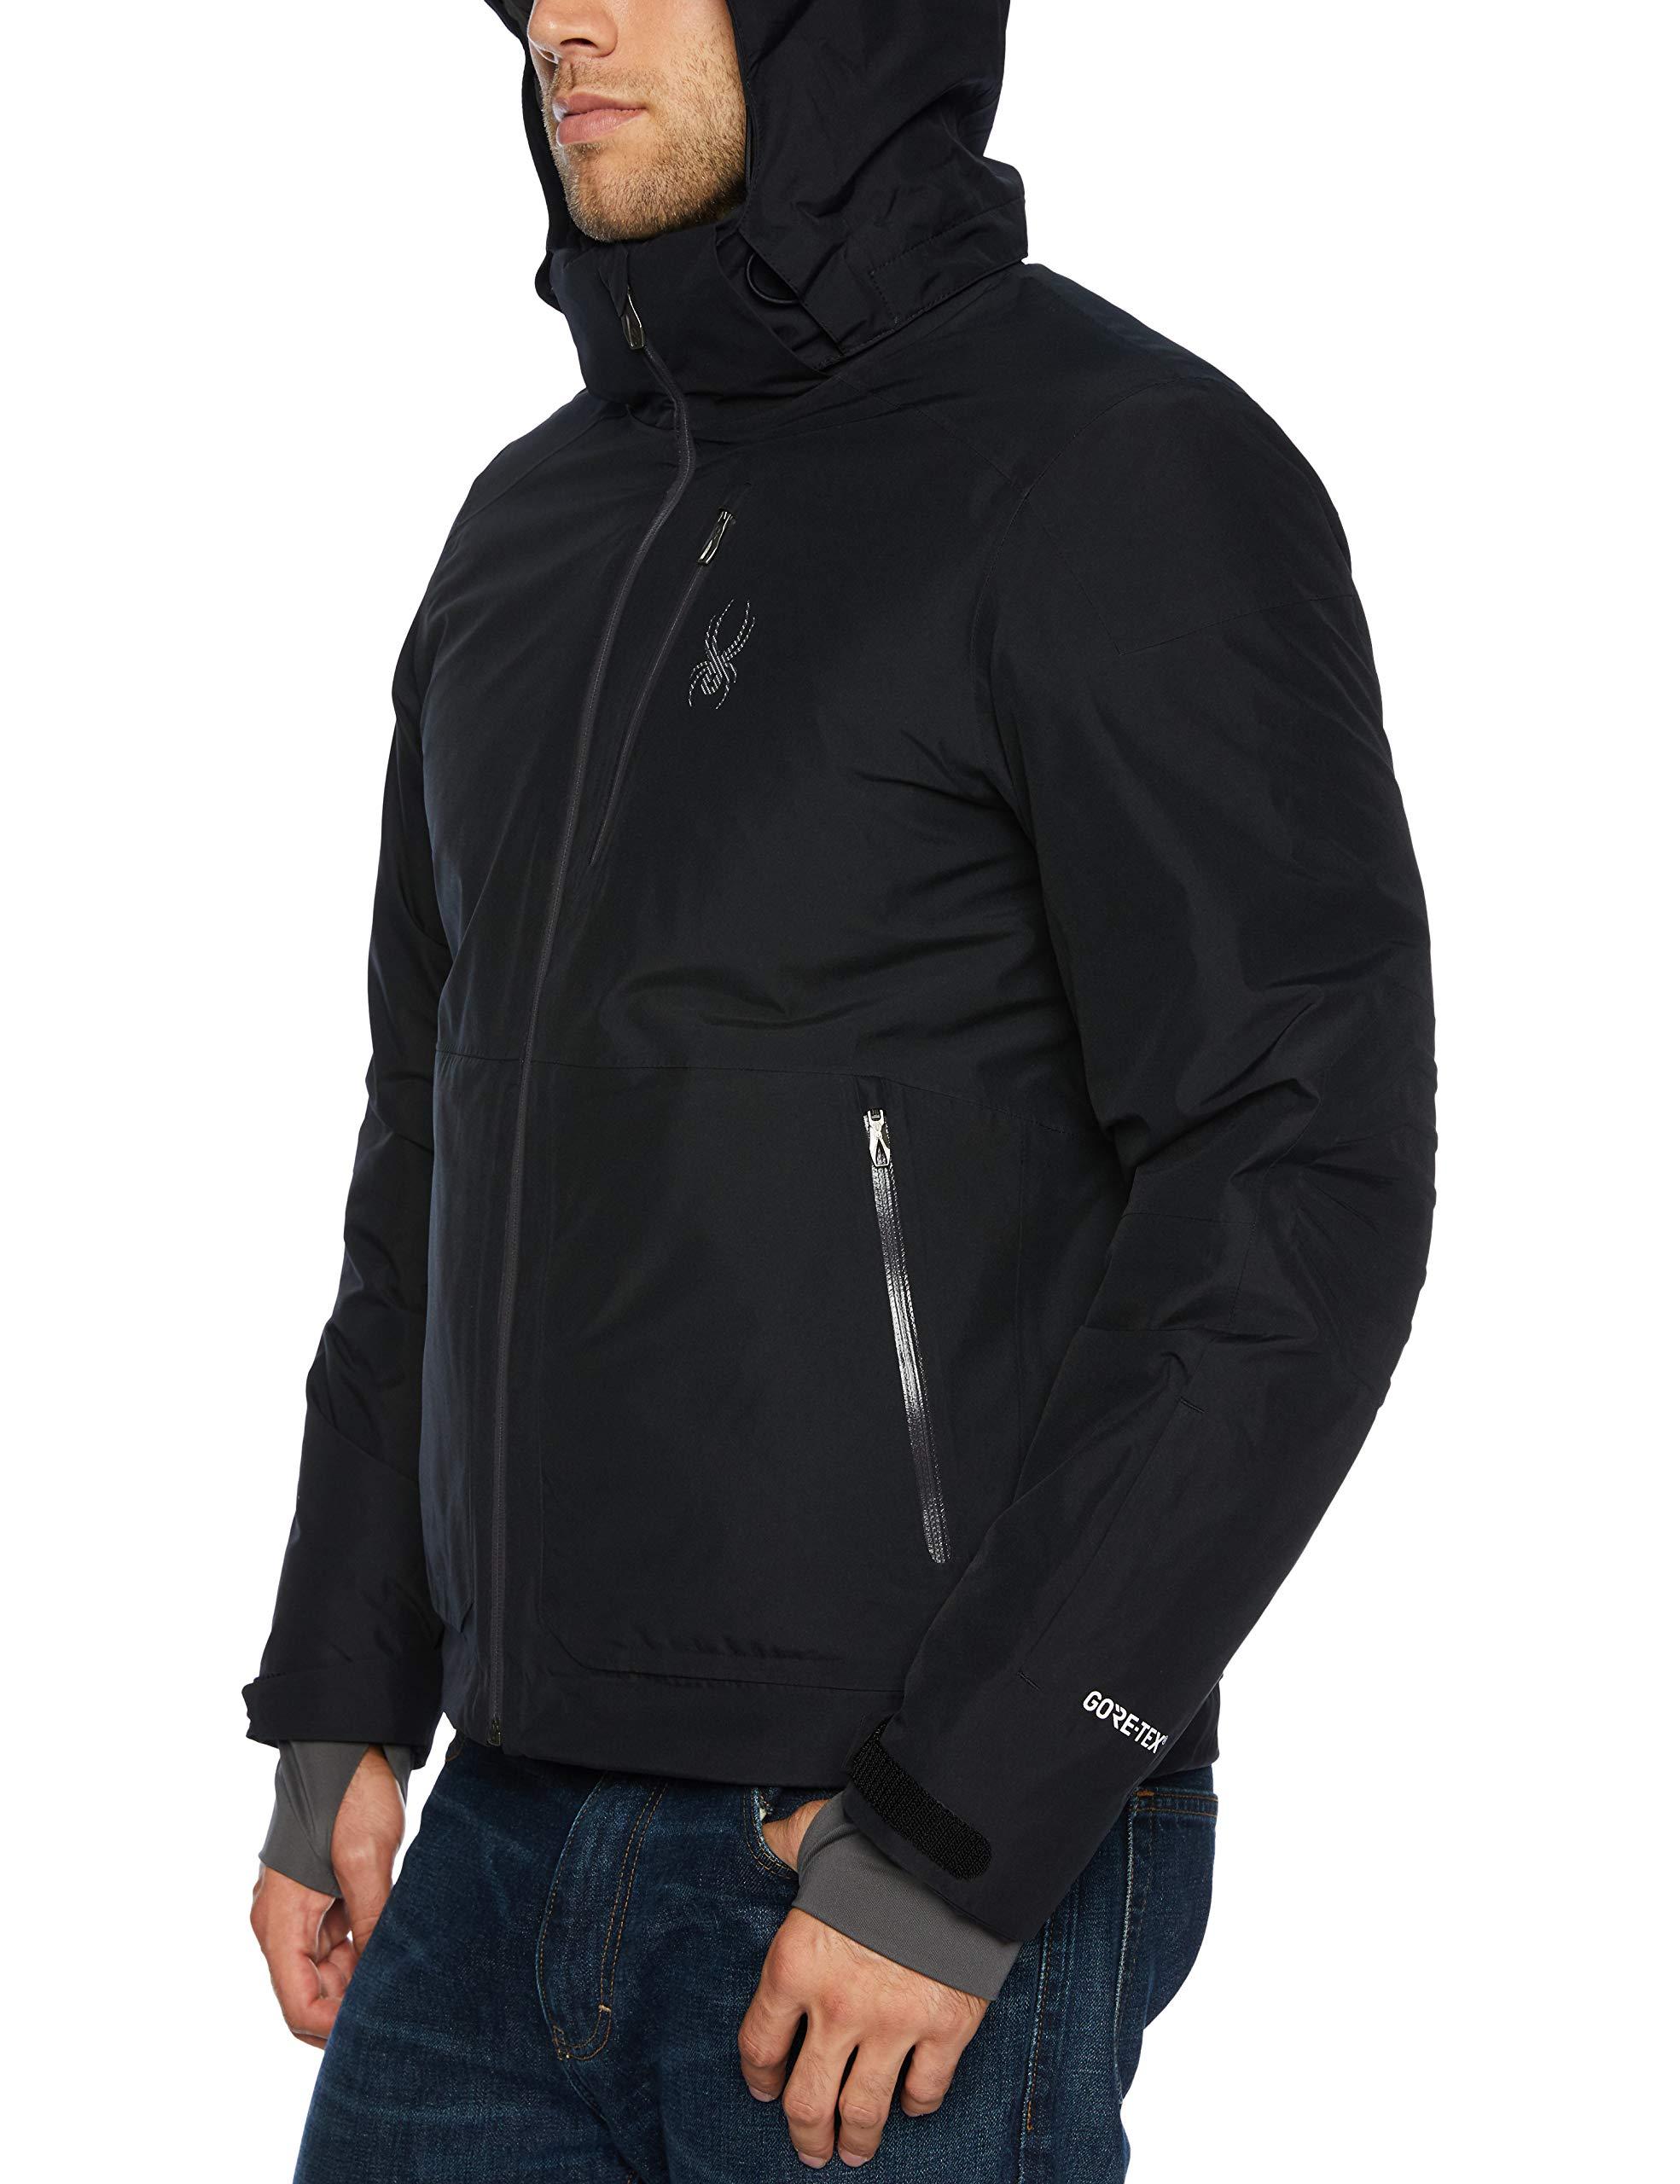 Spyder Mens Avenger Gore-tex Ski Jacket